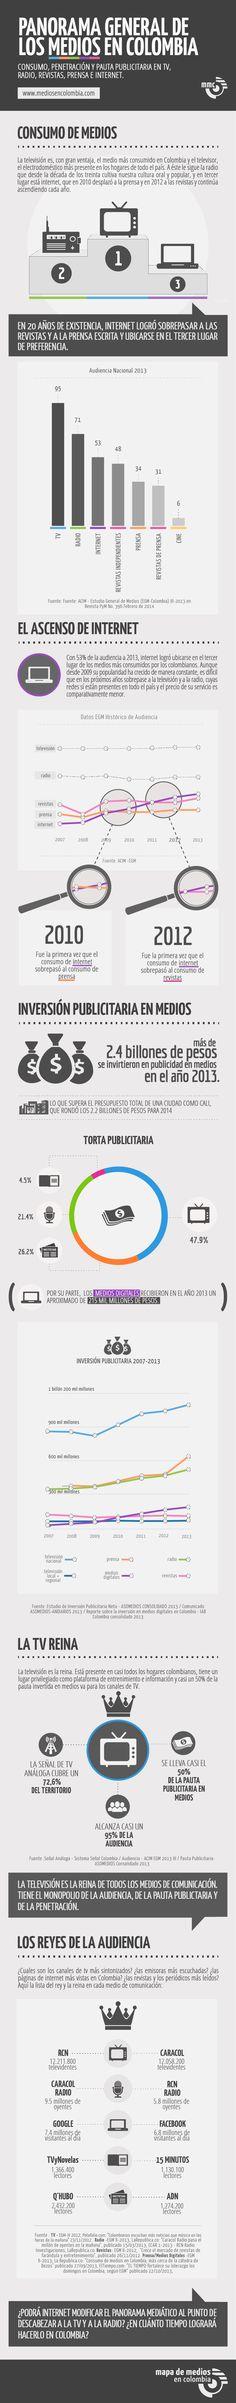 Panorama general de los medios en Colombia (Infografia)